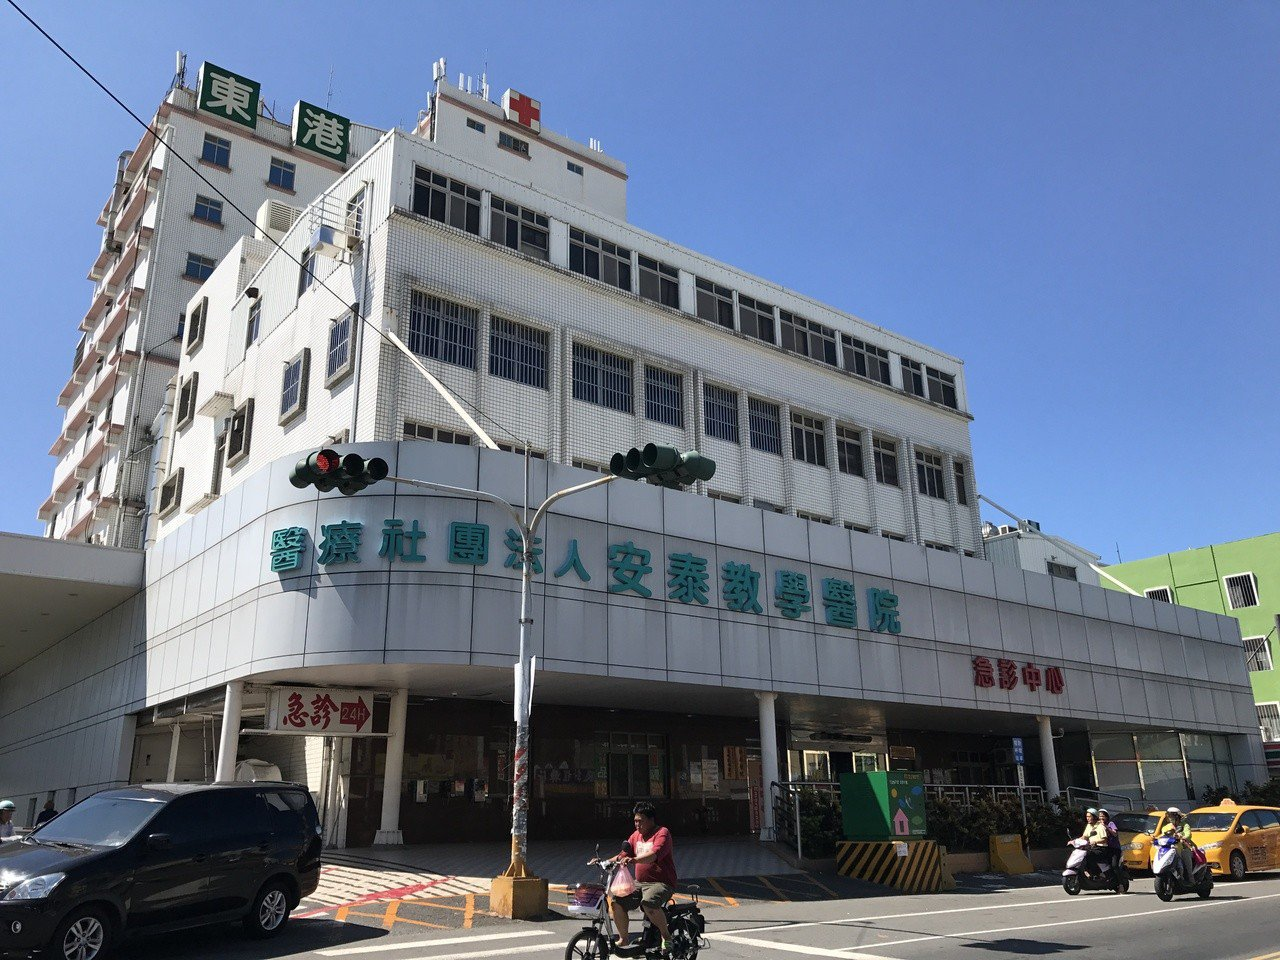 安泰醫院外觀。 聯合報系資料照/記者蔣繼平攝影